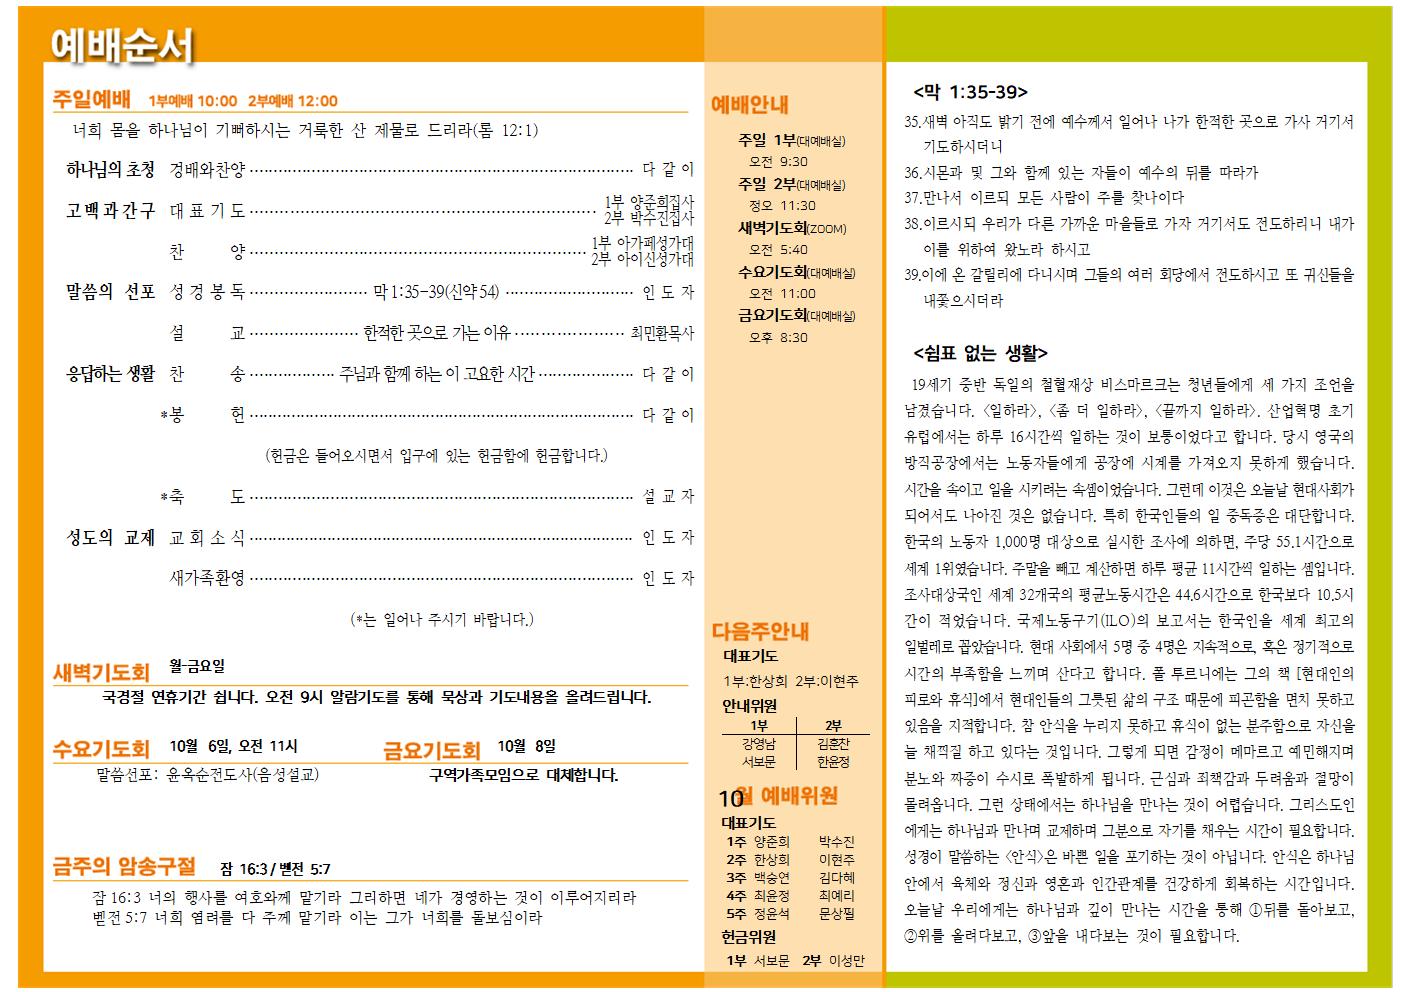 2021-10-3(40) 확정002.png